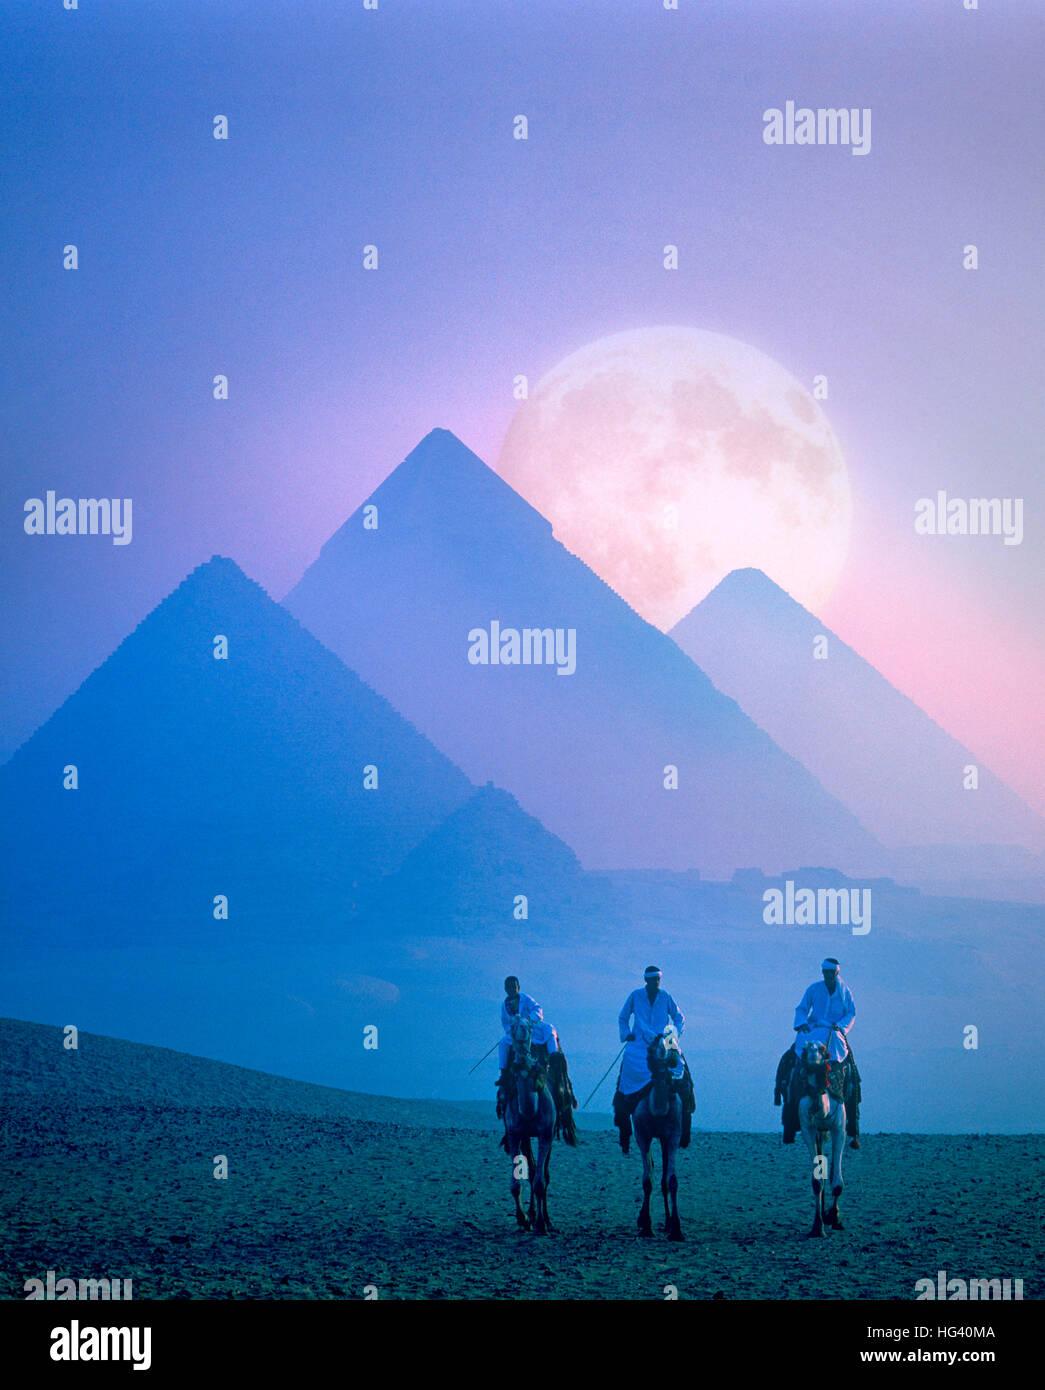 Full moon rising behind the Pyramids at dusk, Giza, Cairo, Egypt - Stock Image